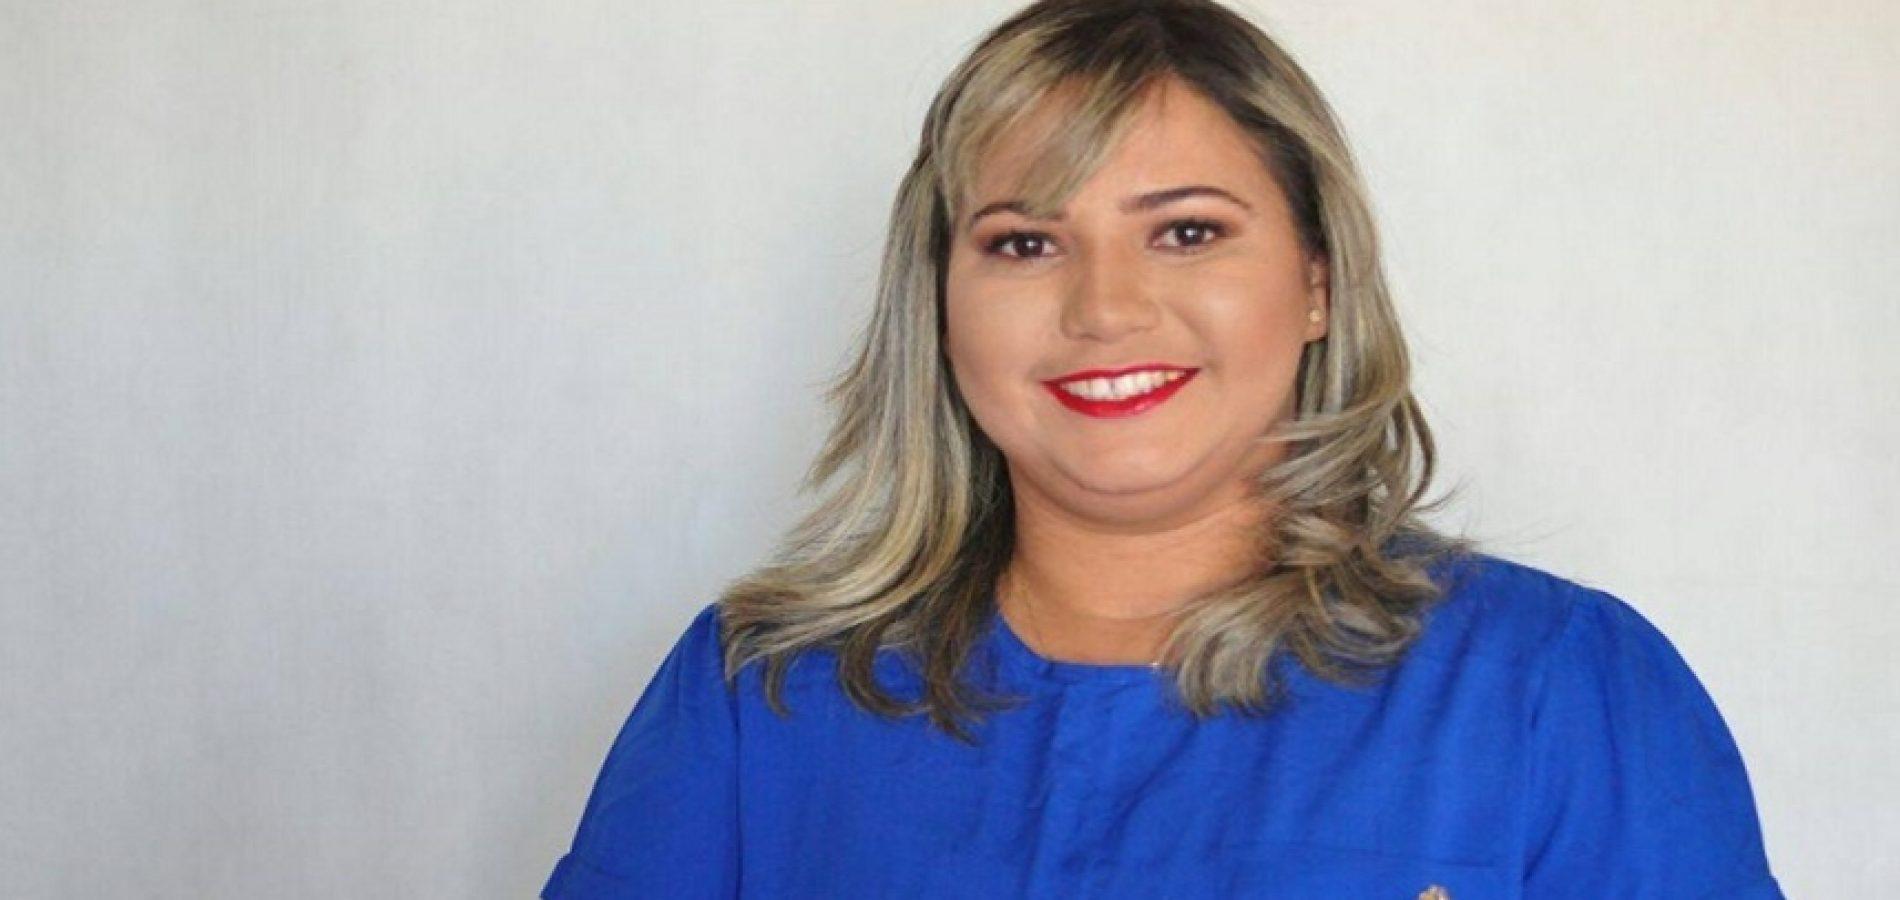 Vereadora do Piauí suspeita de golpe em beneficiário do Auxílio Emergencial é cassada